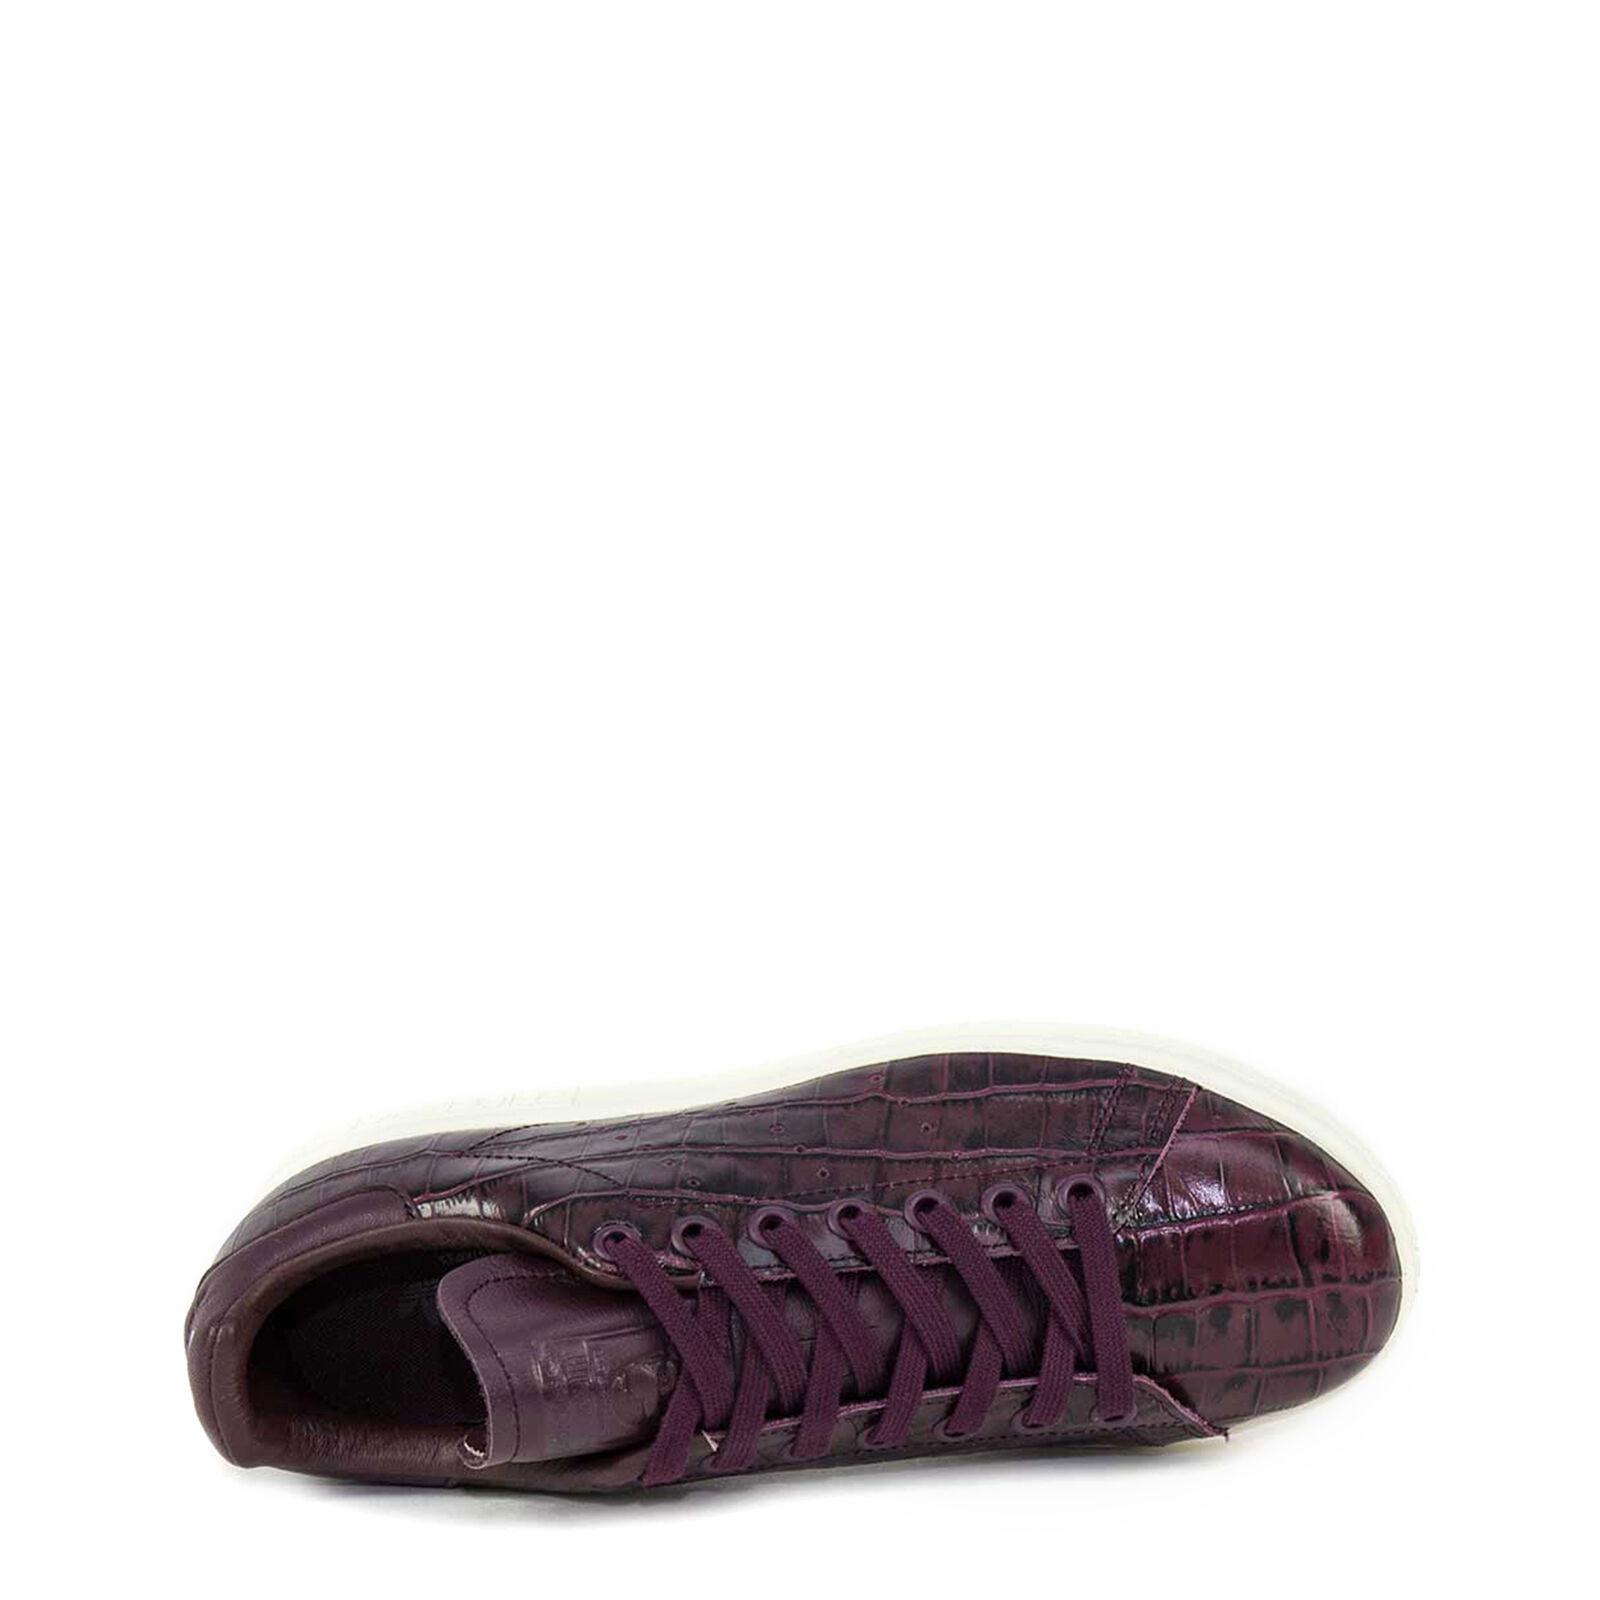 96060 514204 Adidas Stansmith Unisex Violet 96060 image 3